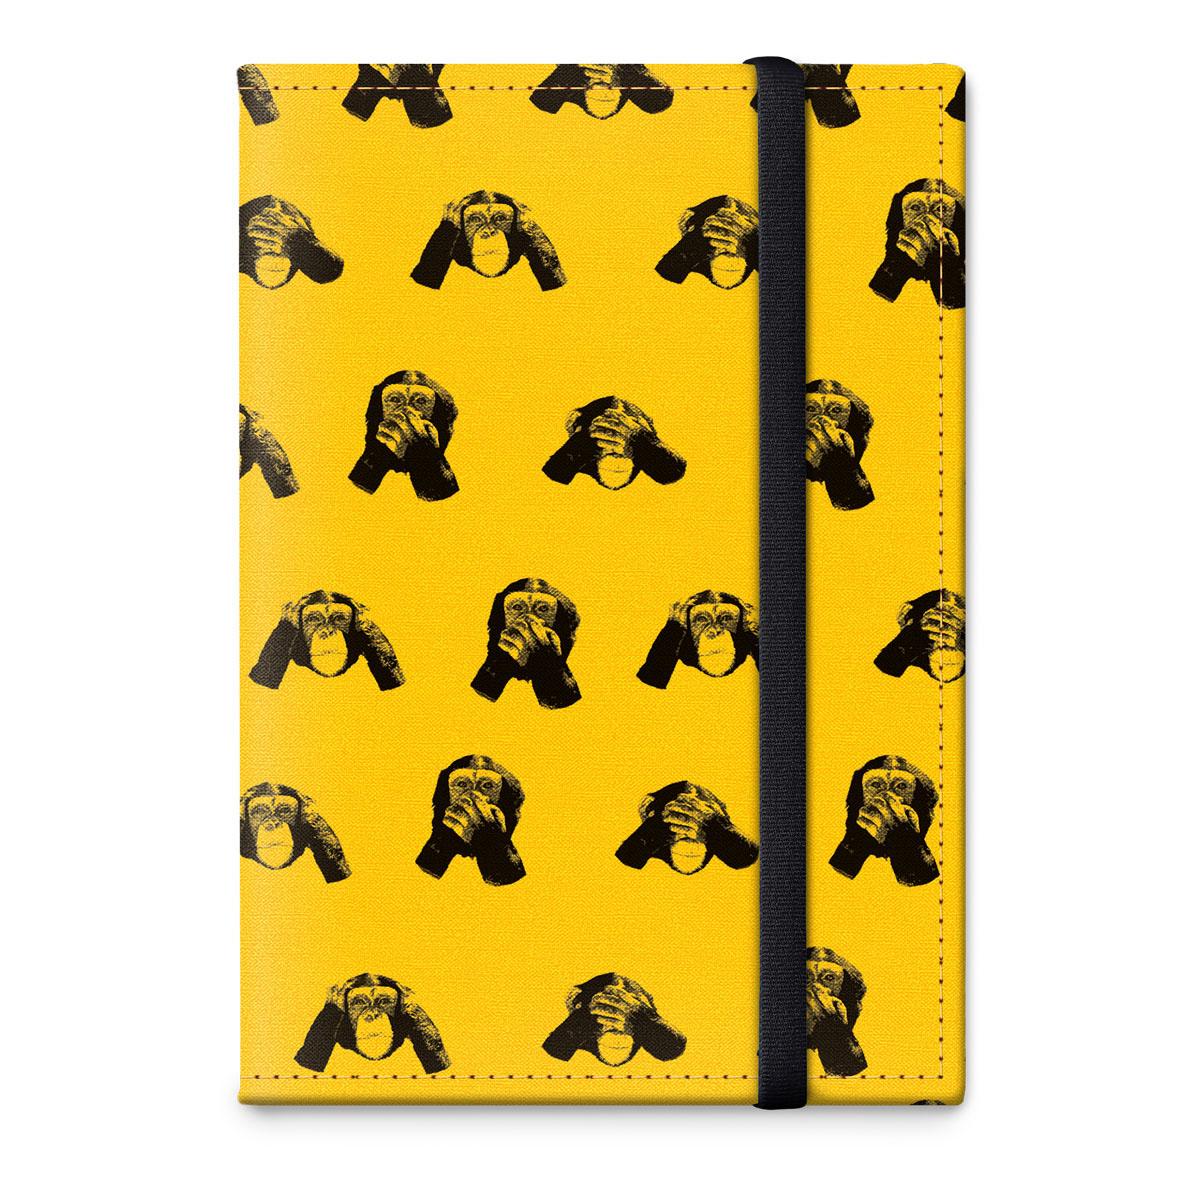 Обложка для паспорта ОРЗ-дизайн Обезьяны, цвет: желтый, черный. Орз-0321Орз-0321Обложка на паспорт текстильная с авторским принтом